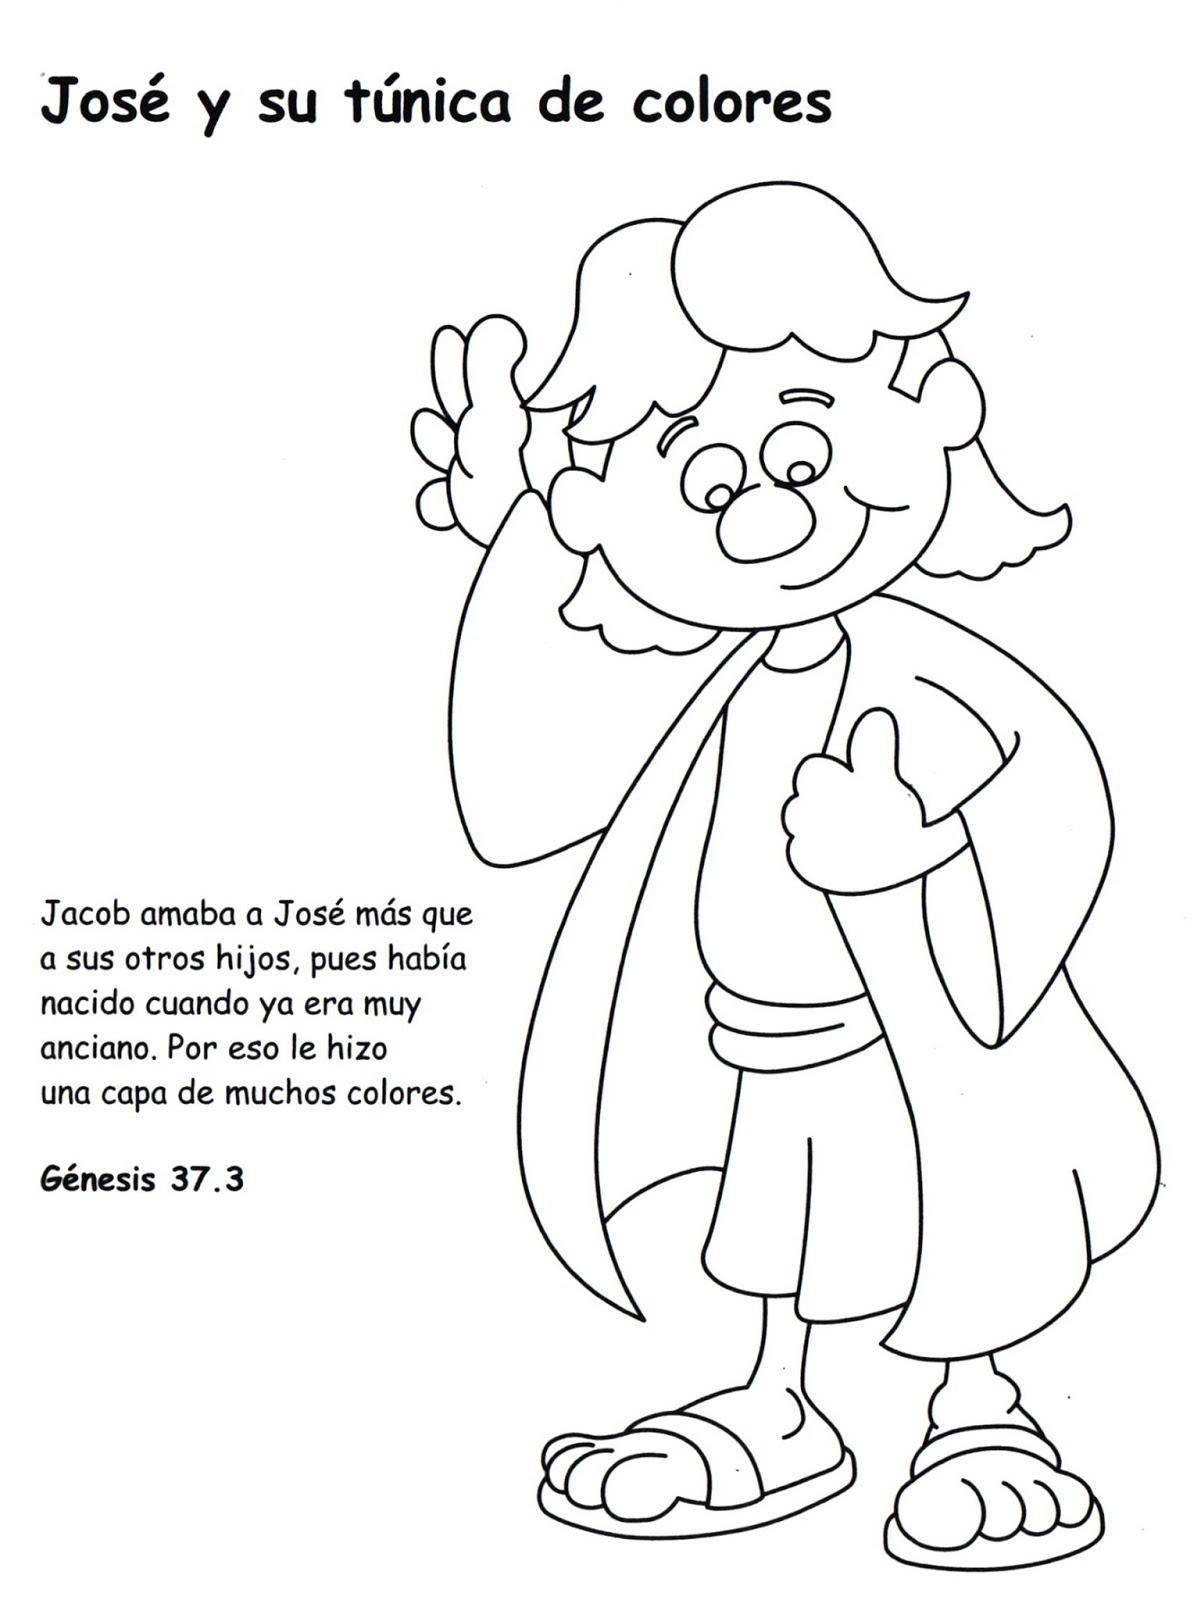 Libro De Job Pdf Dibujos Cristianos Con Textos Bíblicos Para Colorear